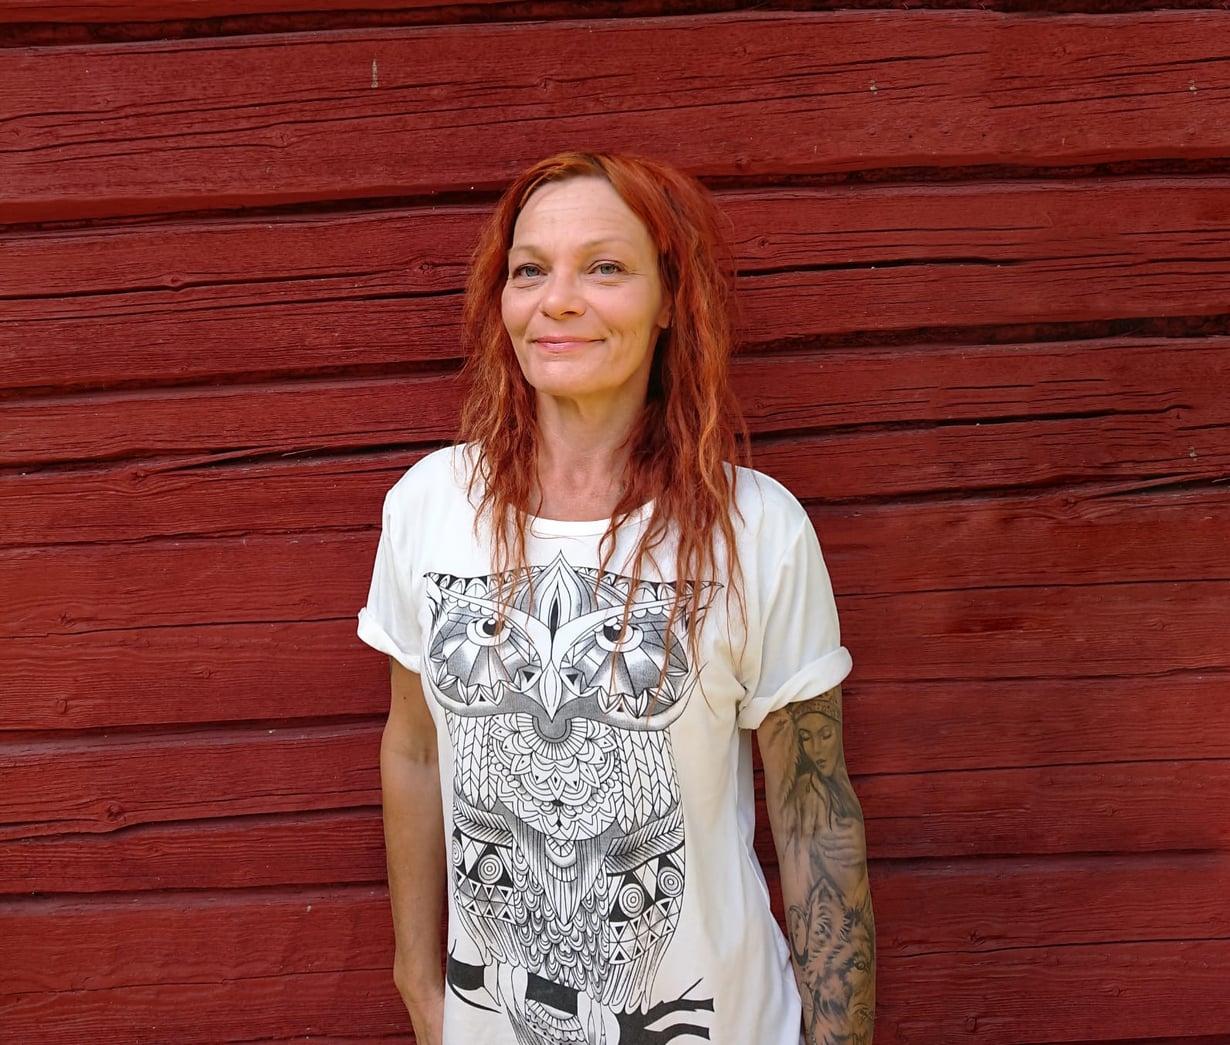 Janna Kari työskentelee siivoojana ja asuu neljän koiransa kanssa punaisessa 25 neliön mummonmökissä Tervajoella.